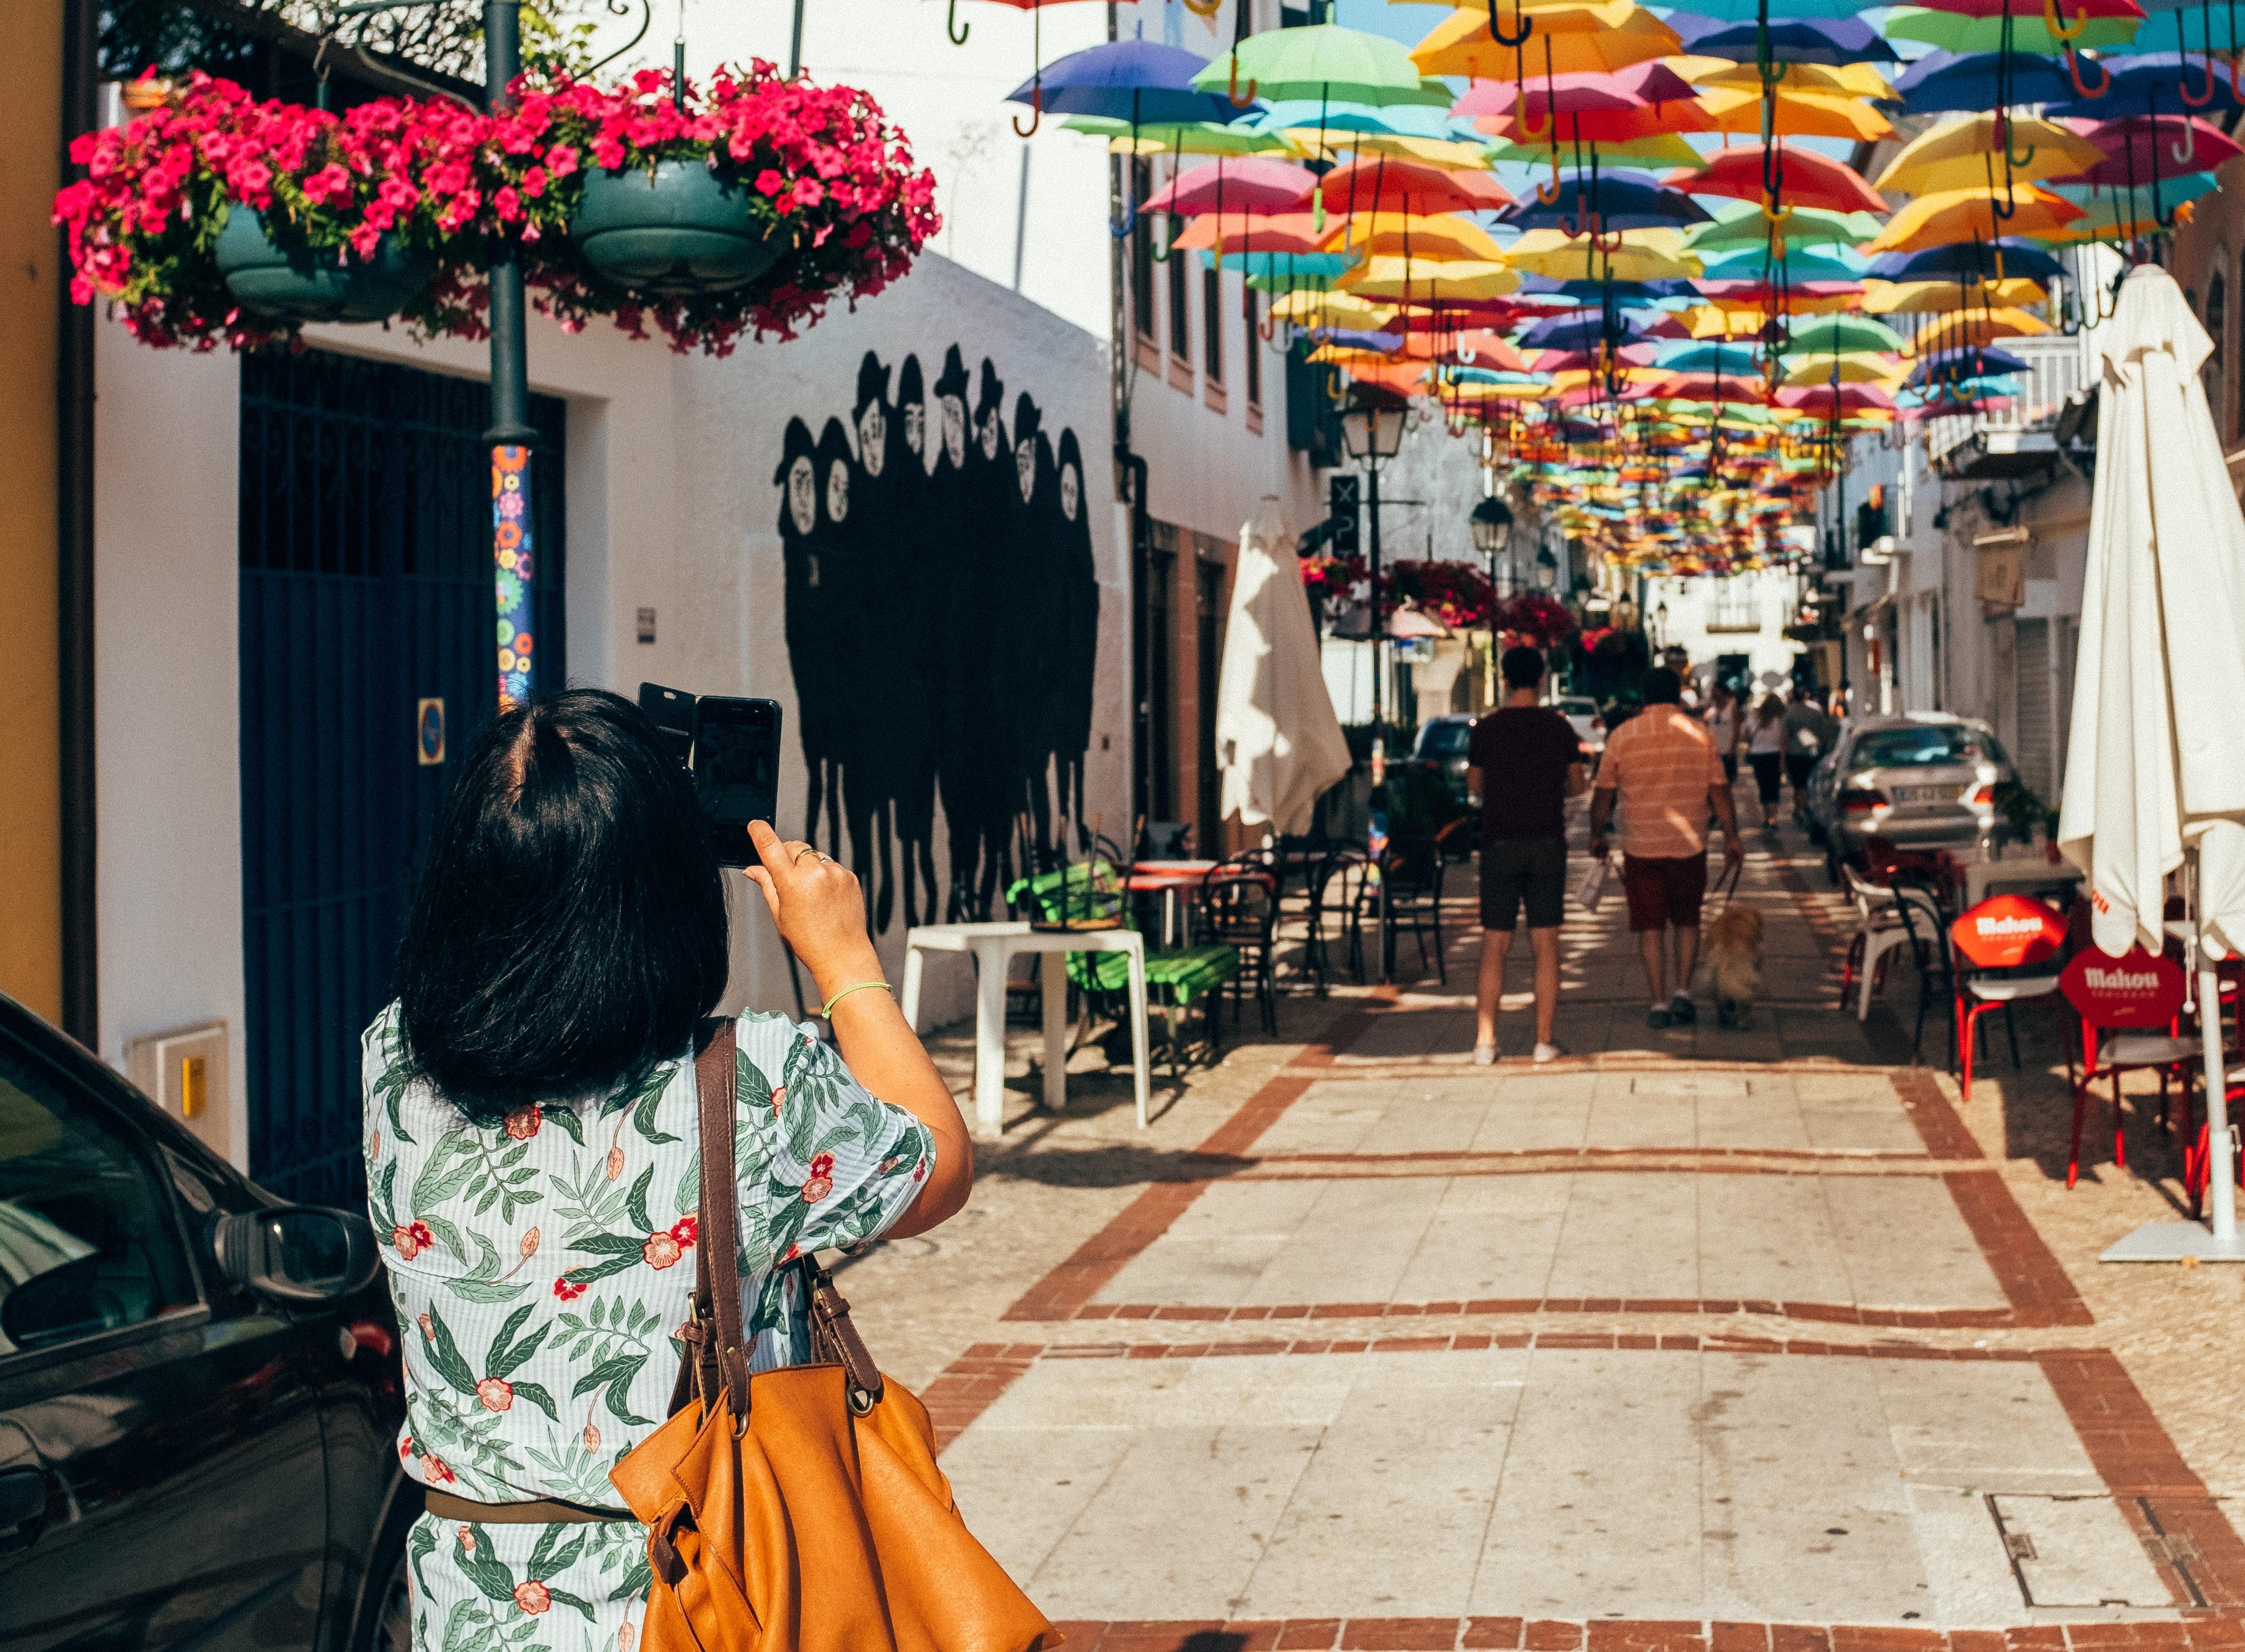 Águeda é um dos concelhos abrangidos / Photo by Ricardo Resende on Unsplash